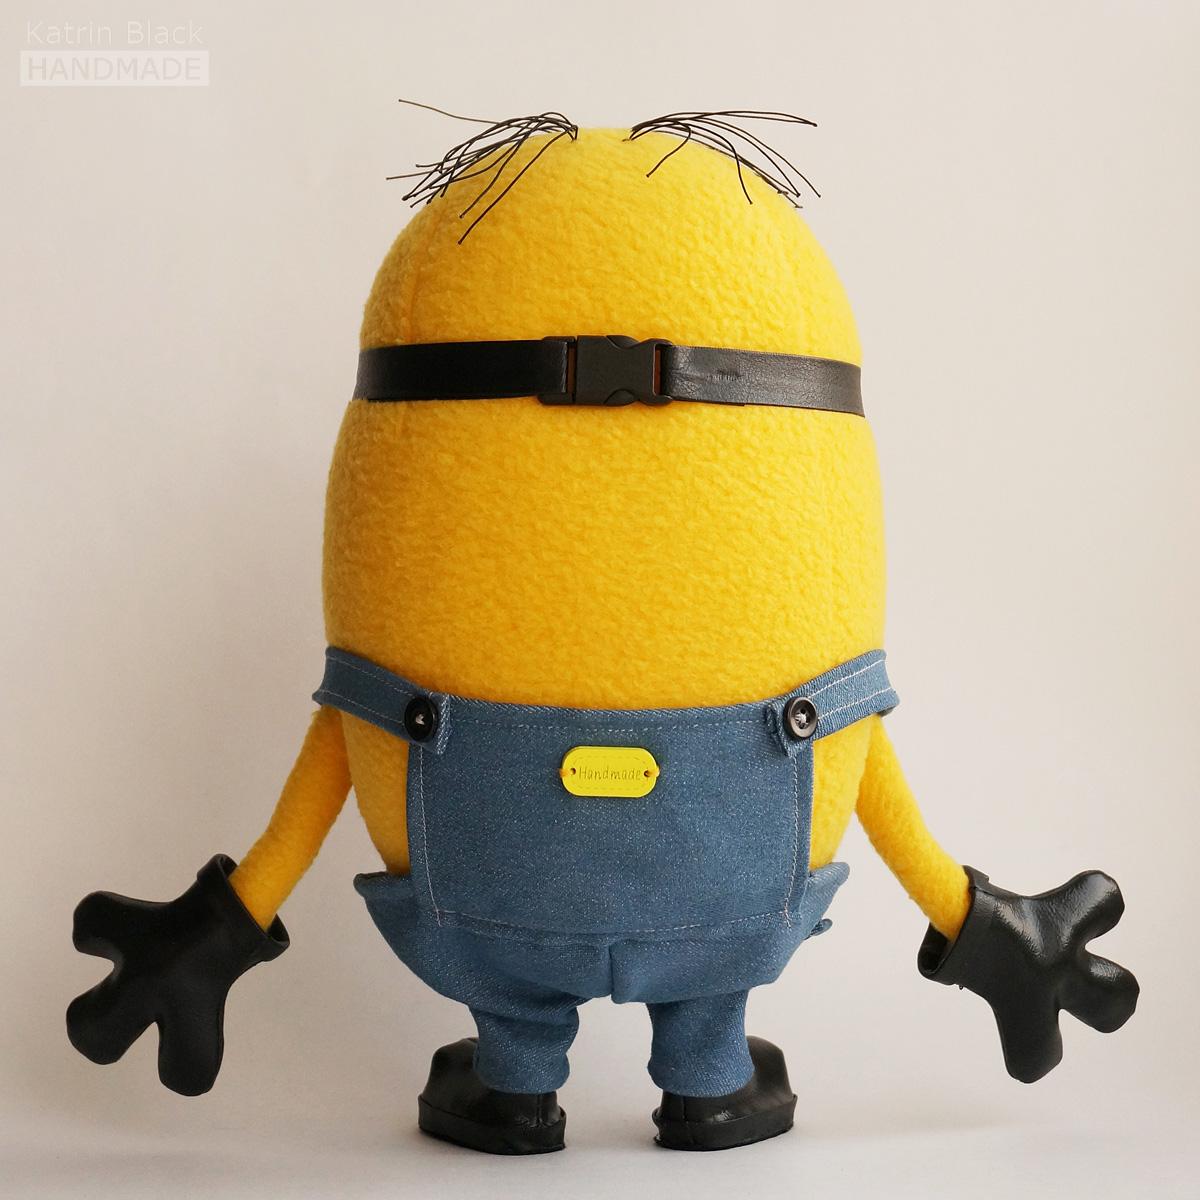 Миньон - мягкая игрушка ручной работы. Handmade soft toy Minion.